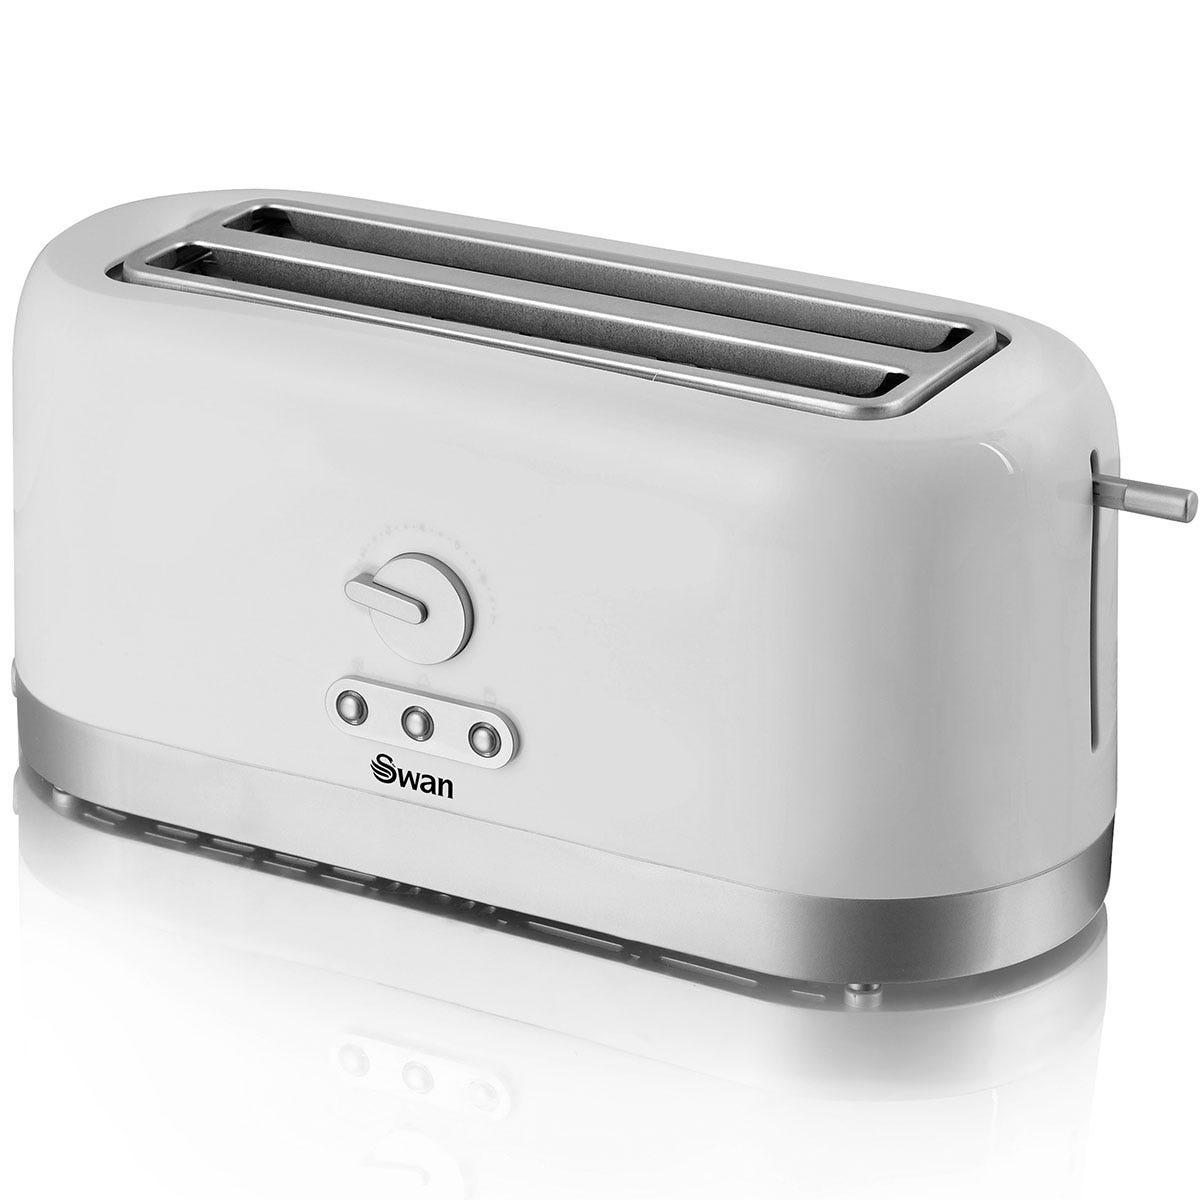 Swan ST10091N 4-Slice Long Slot Toaster - White